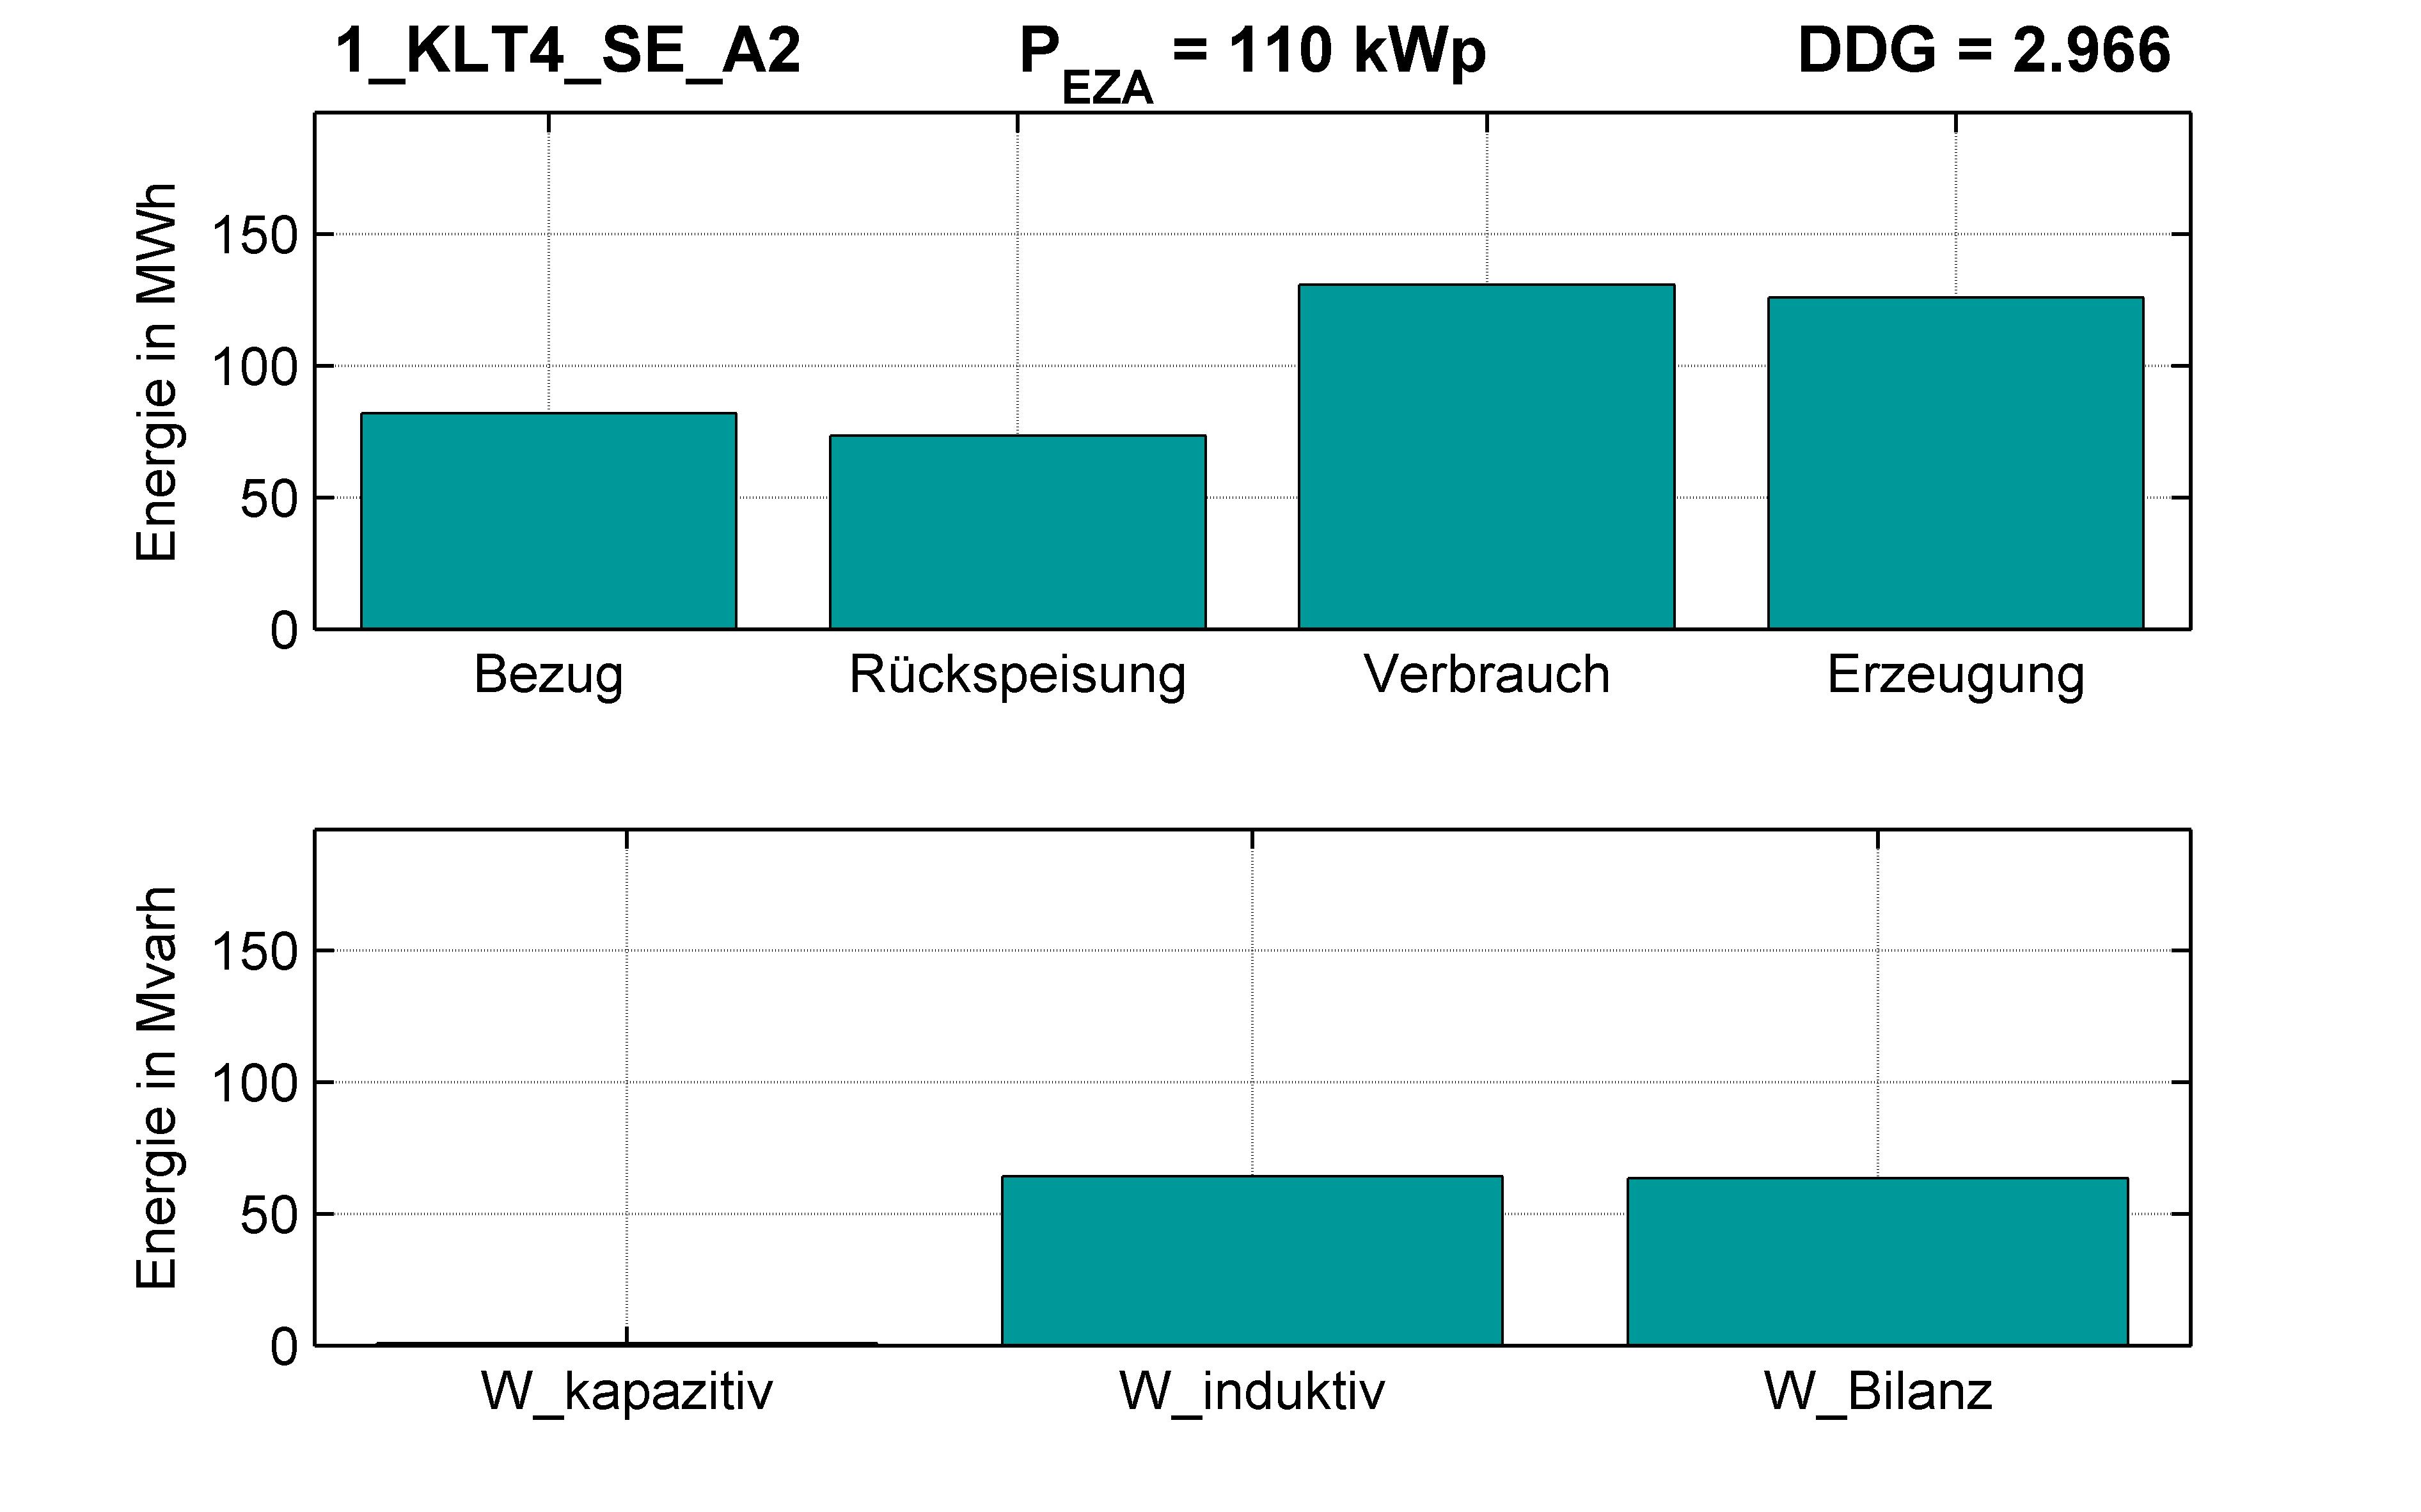 KLT4 | KABEL (SE) A2 | PQ-Bilanz